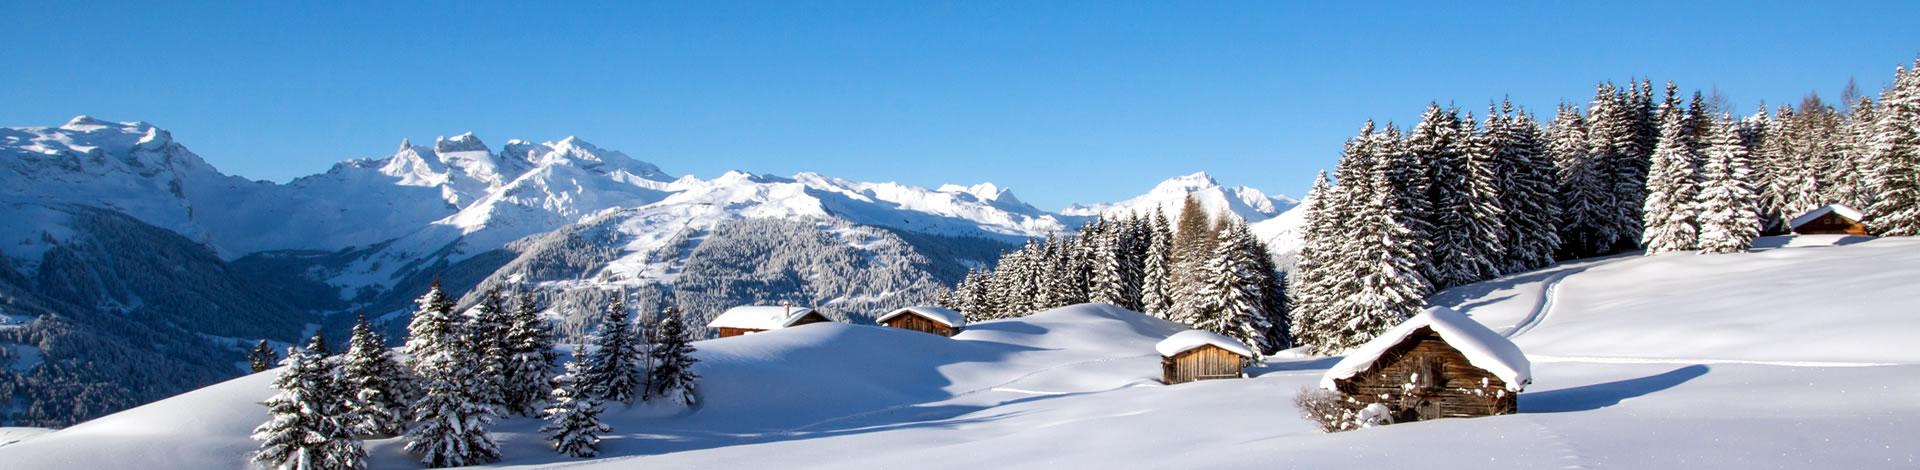 Tipps und Infos für einen sicheren Winterurlaub.